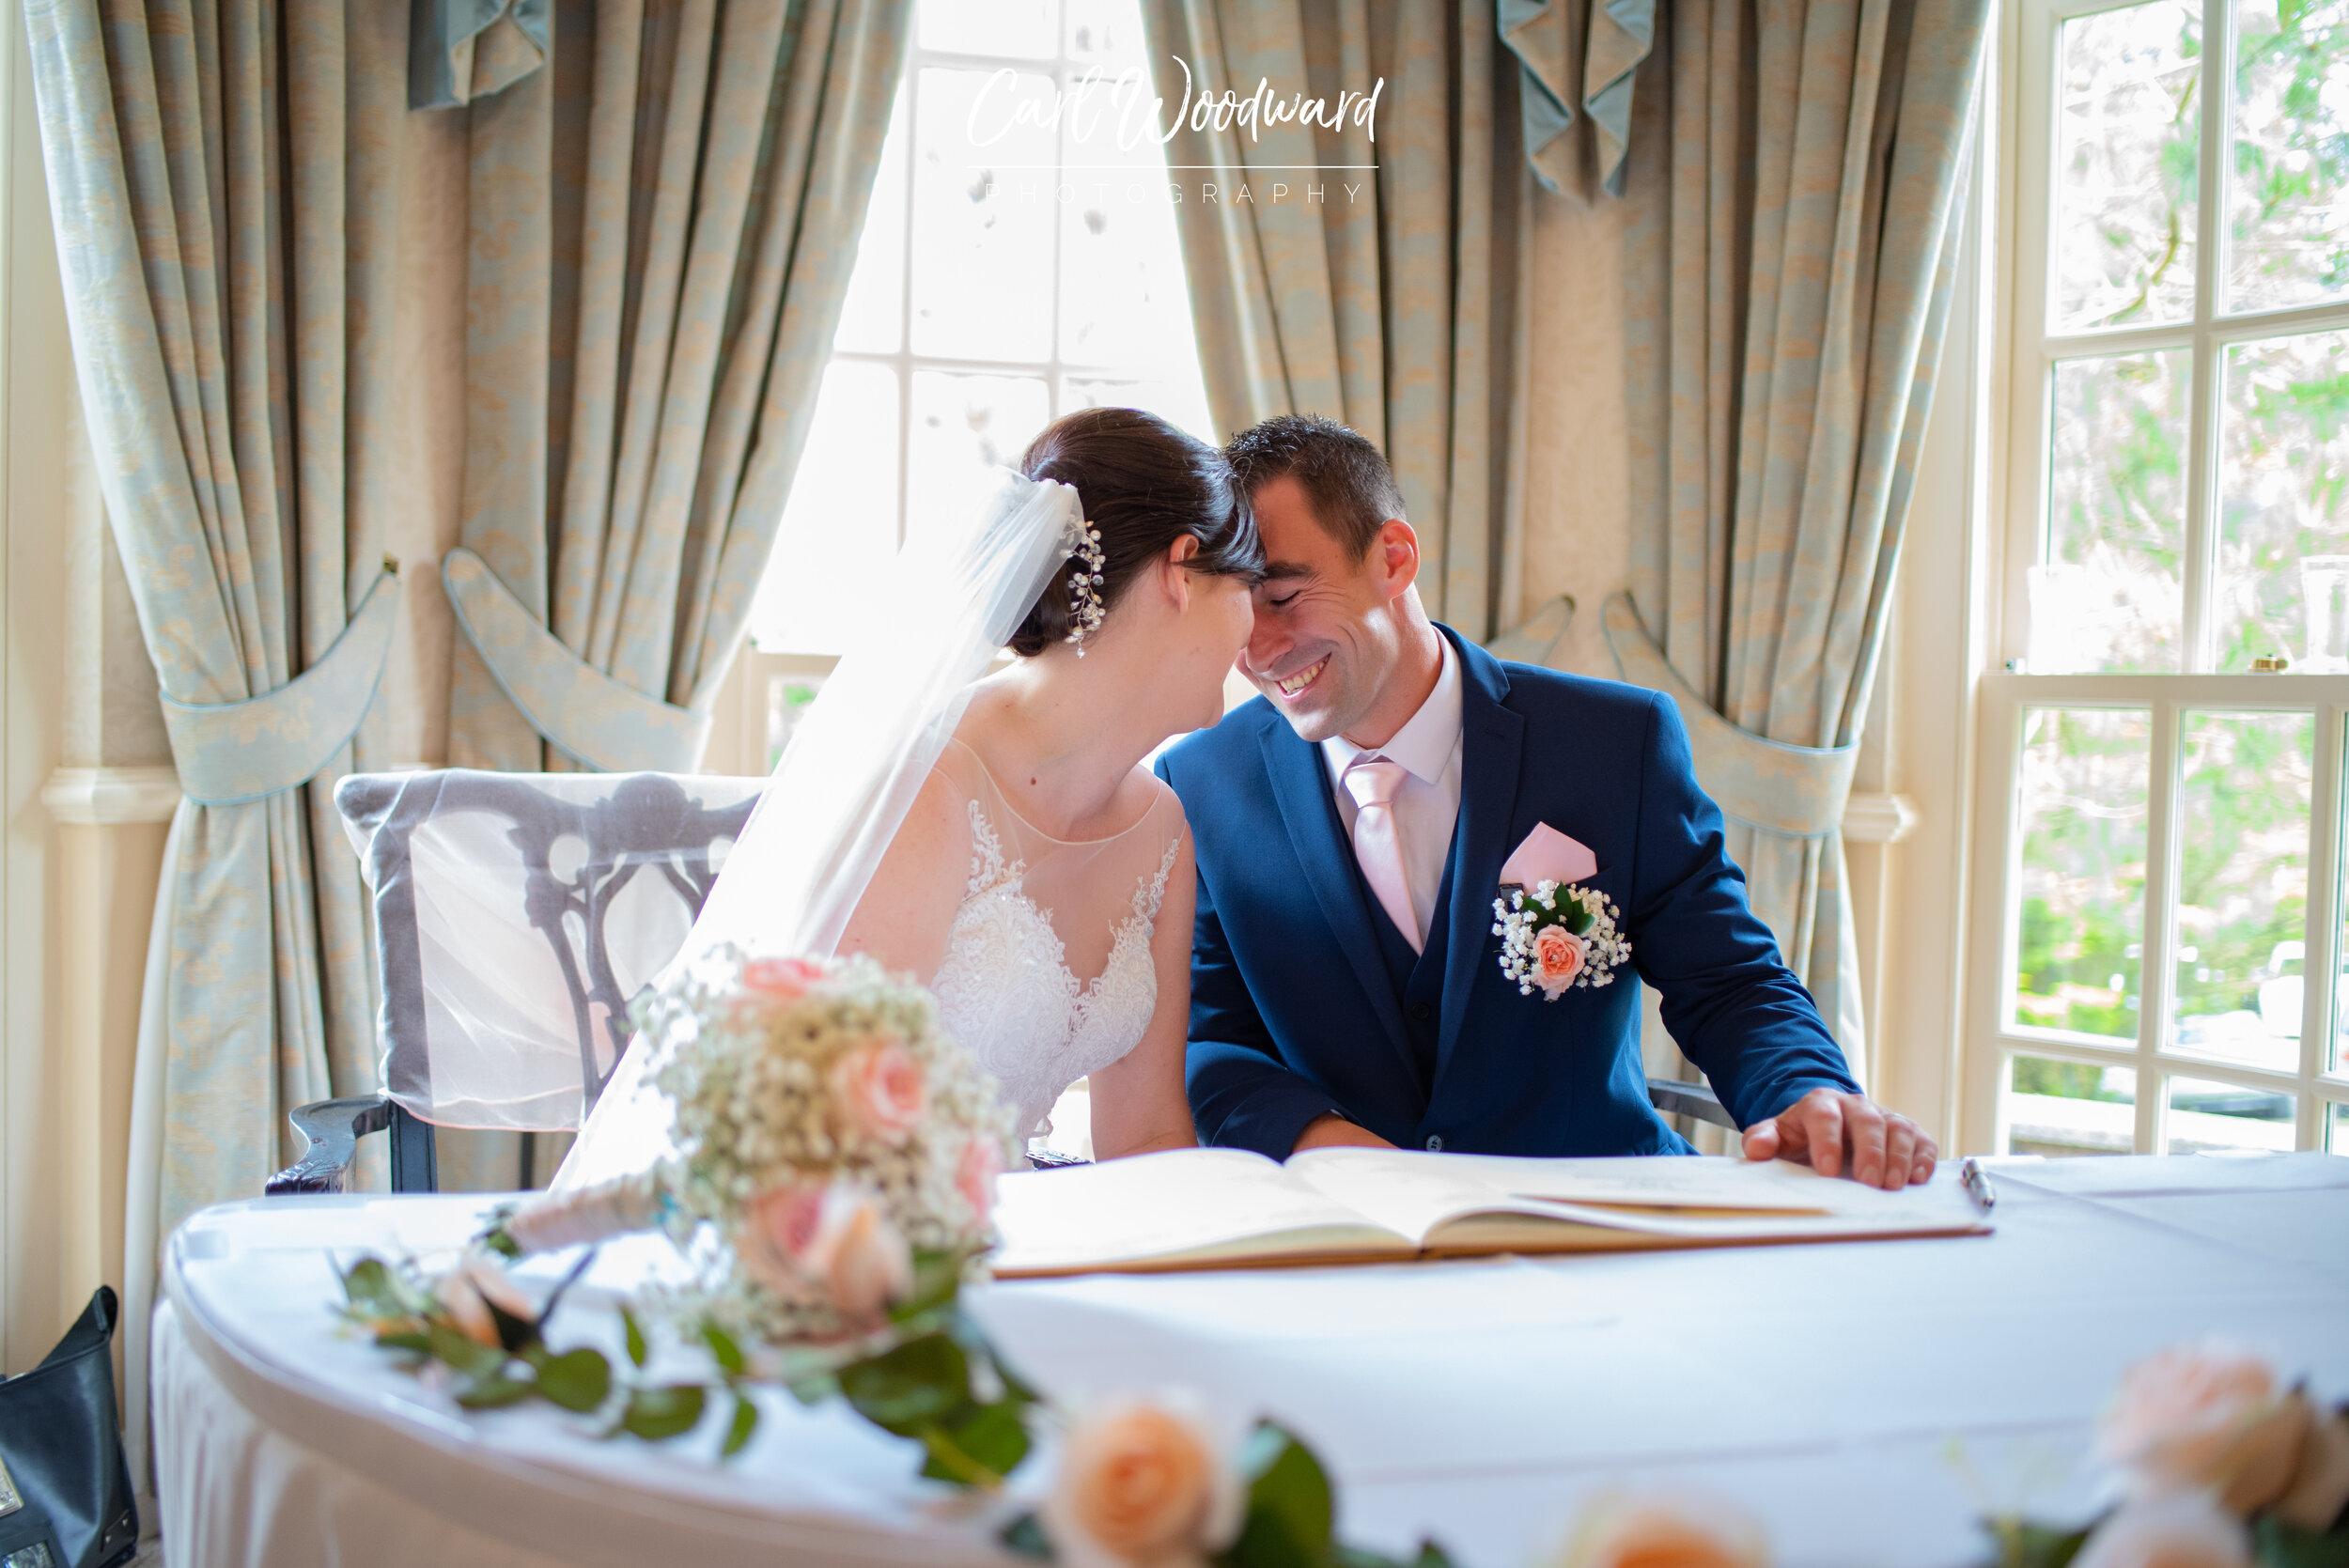 011-De-Courcesys-Manor-Weddings.jpg